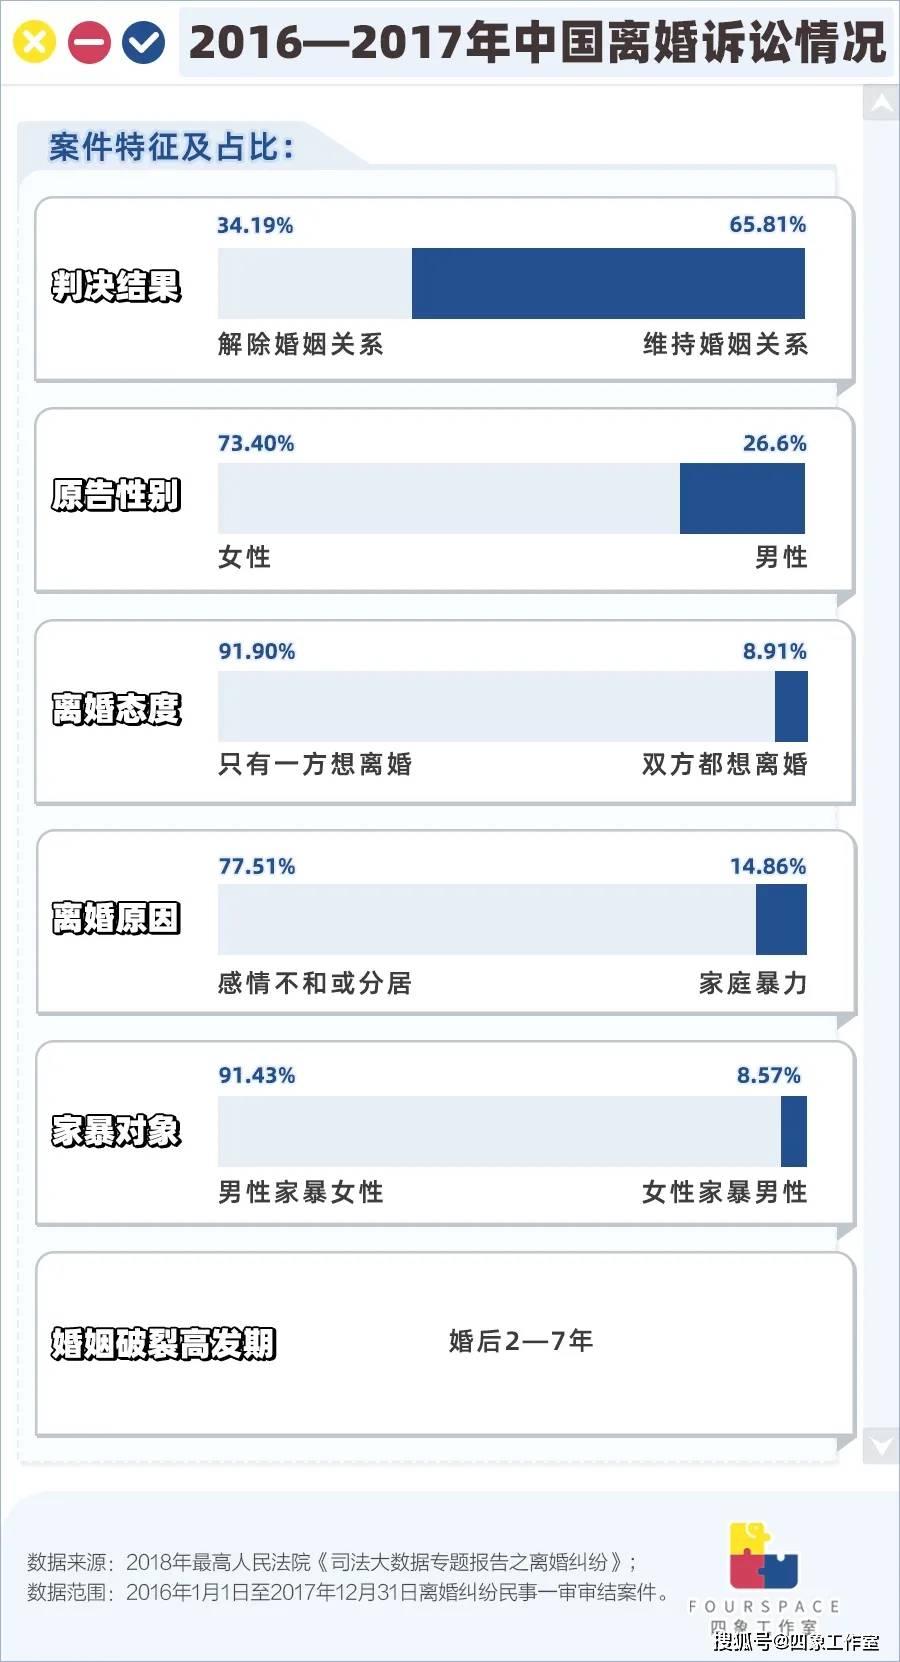 百起家暴案不足1/3判离,在中国离婚有多难?